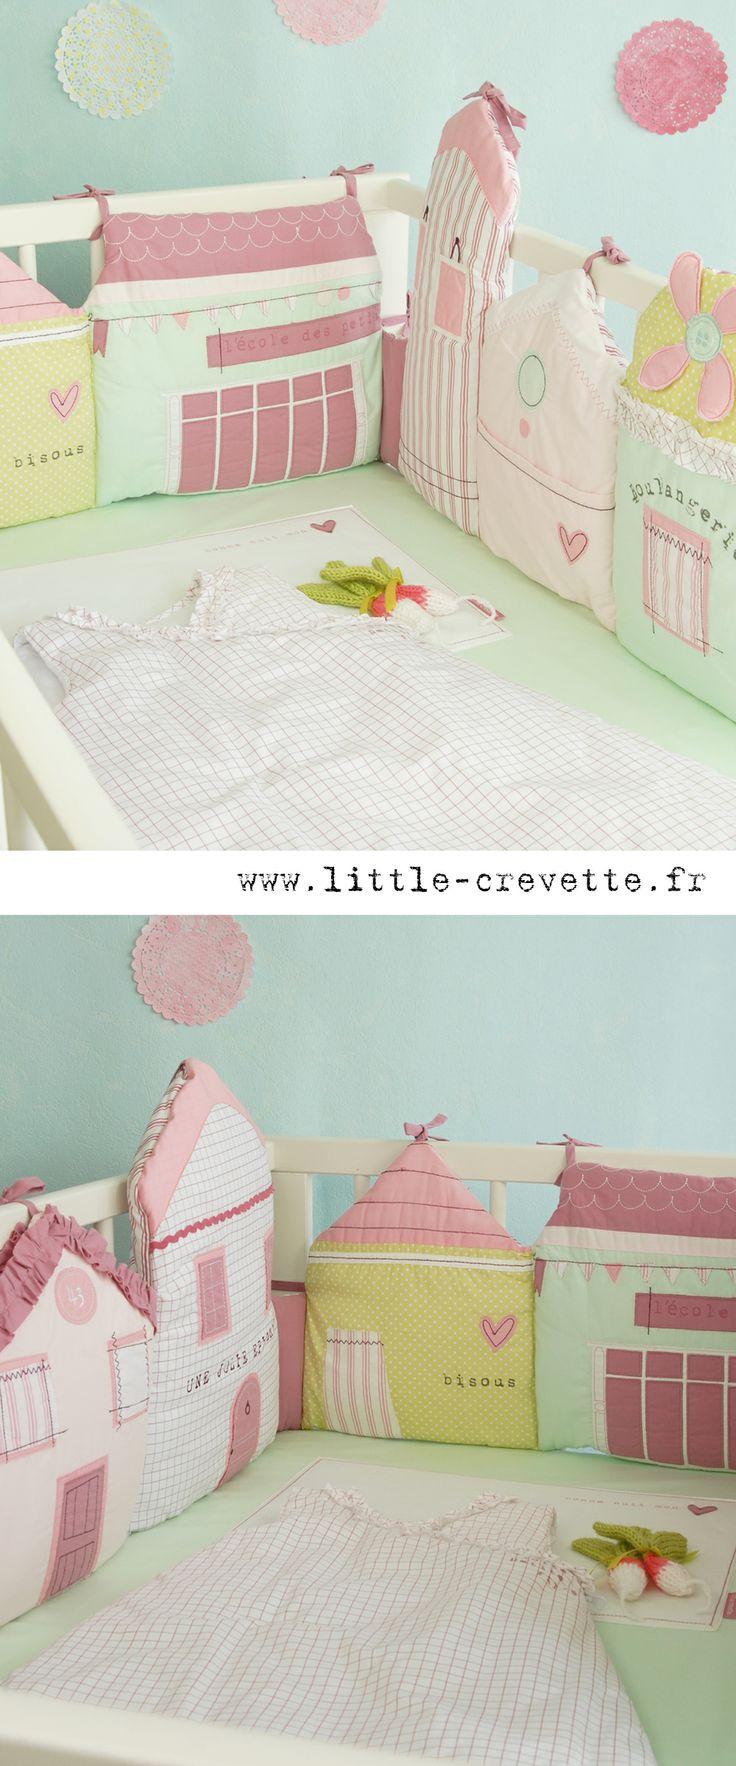 Tour de lit Petites maisons - un tour de lit comme une petite rue avec son école, sa boulangerie, son épicerie, son moulin...et même une petite poche pour y ranger la tututte de bébé. A découvrir sur www.little-crevette.fr #tourdelit #bebe #pastel